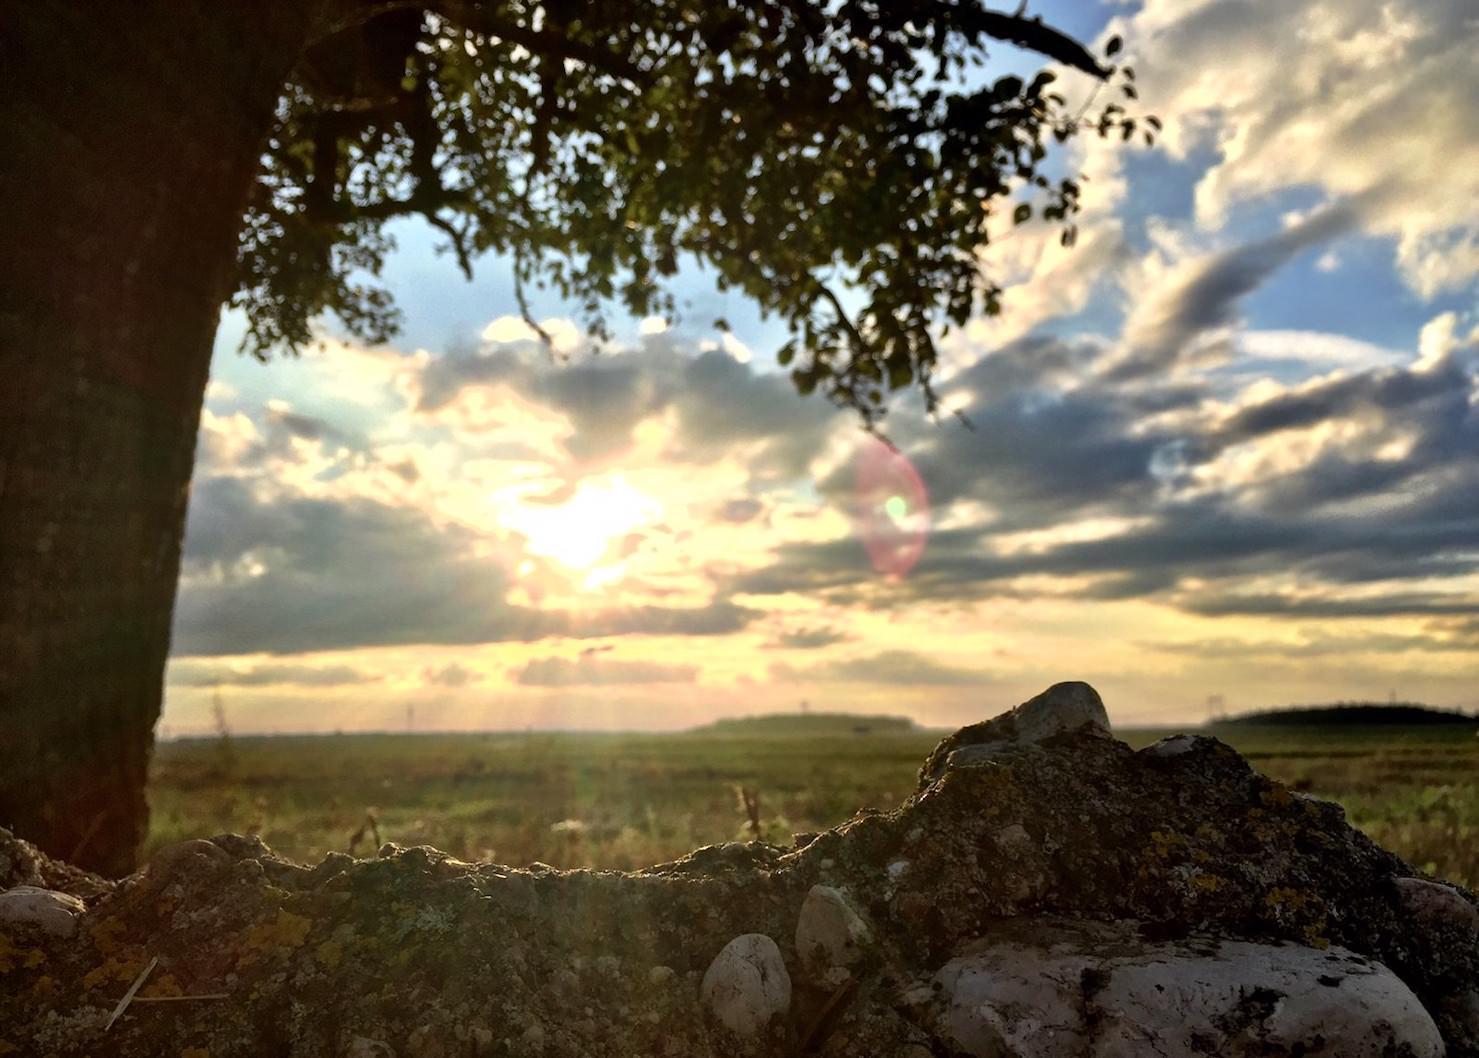 Baum im Sonnenschein Belarus Weißrussland